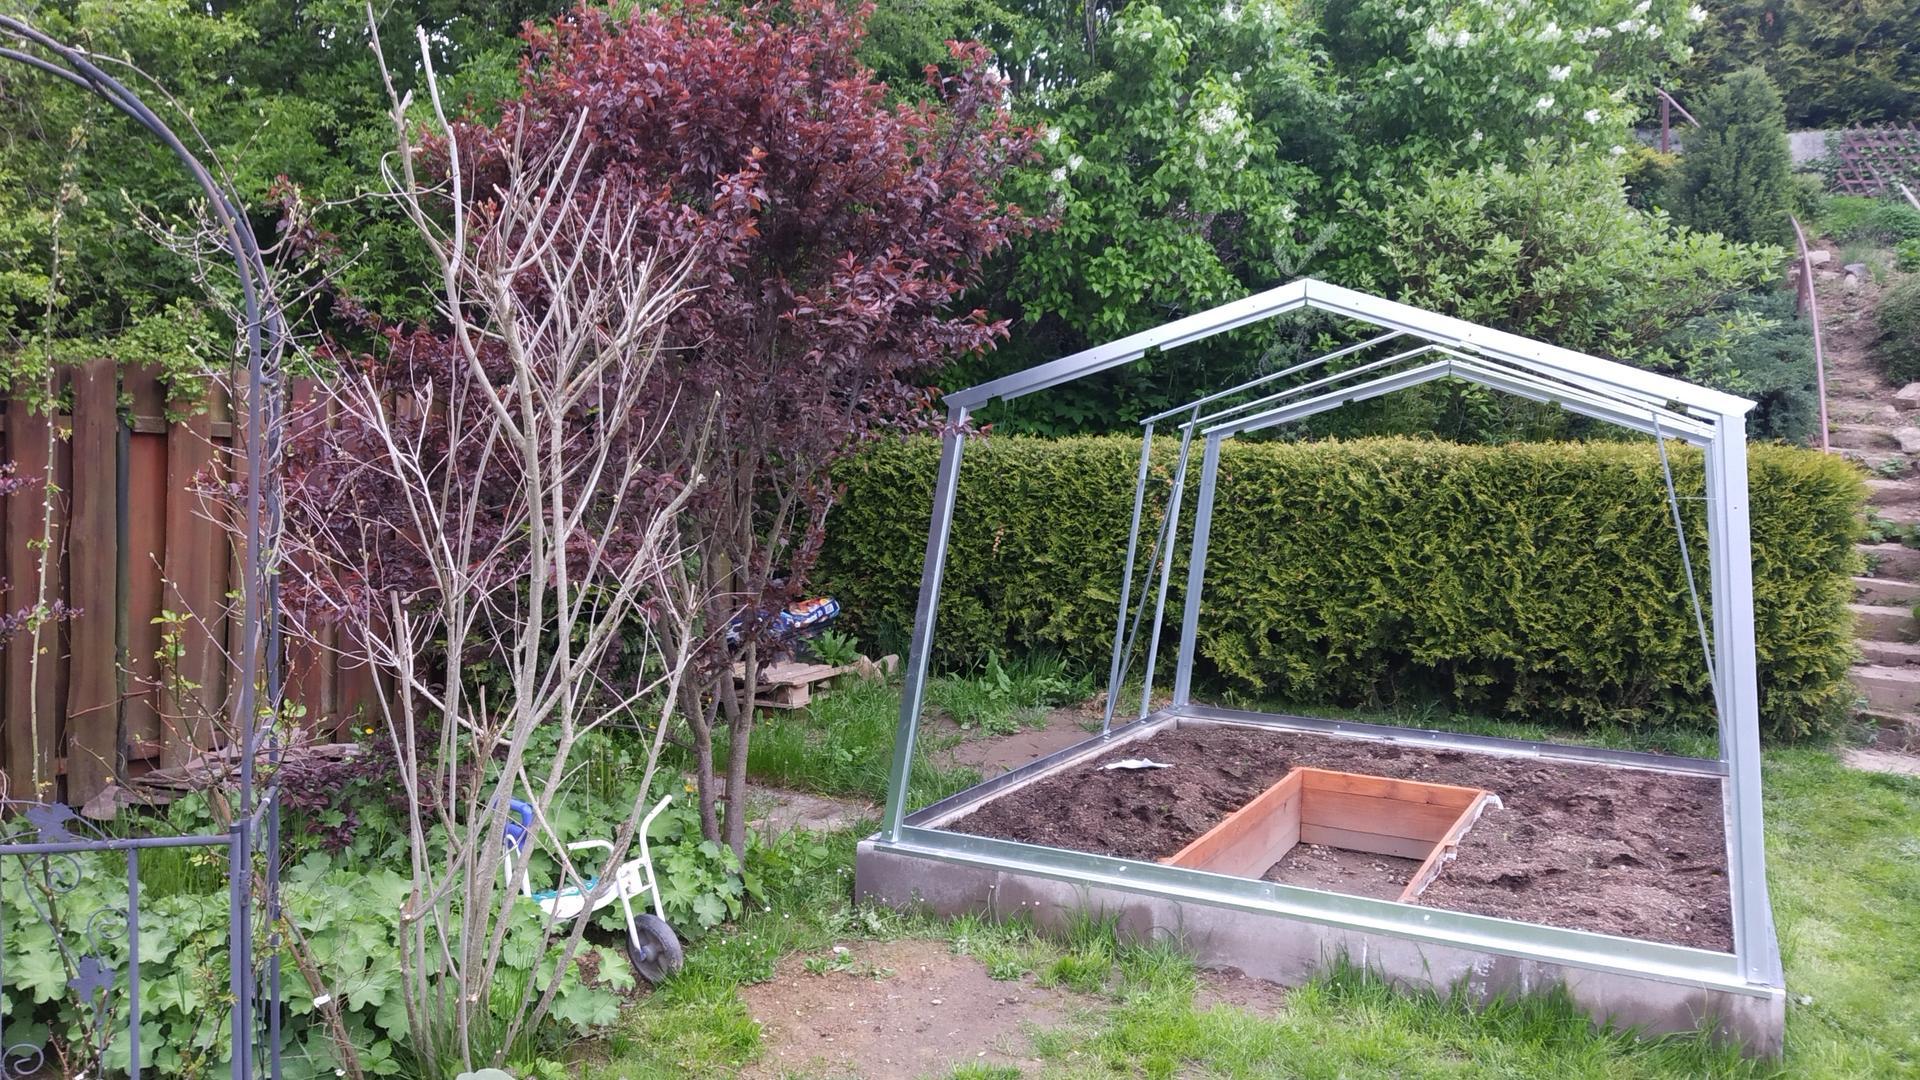 Zahrada 2021 a budování skleníku - Obrázek č. 13